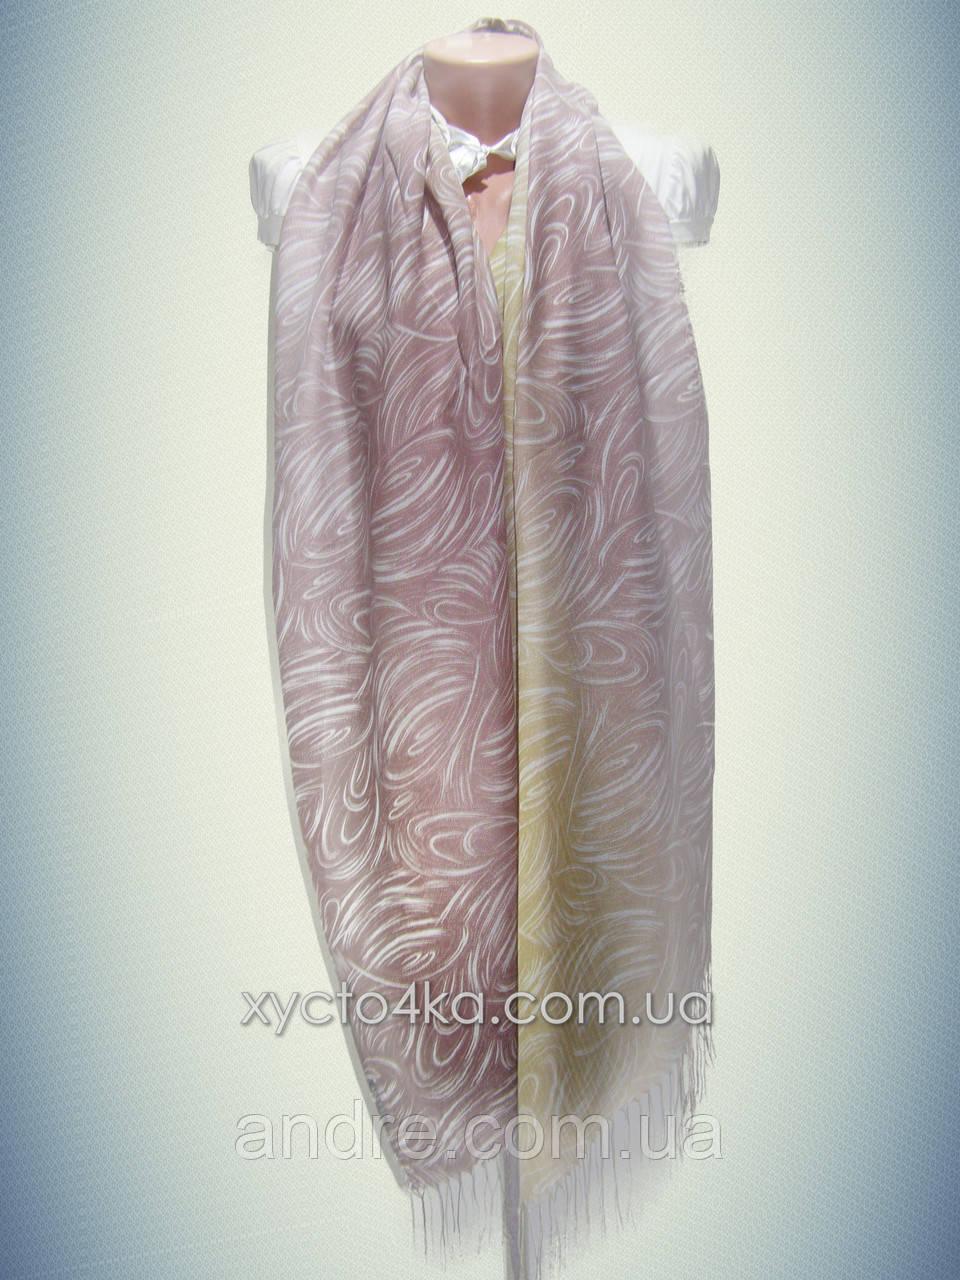 Лёгкий натуральный шарф Снеп, коричневый